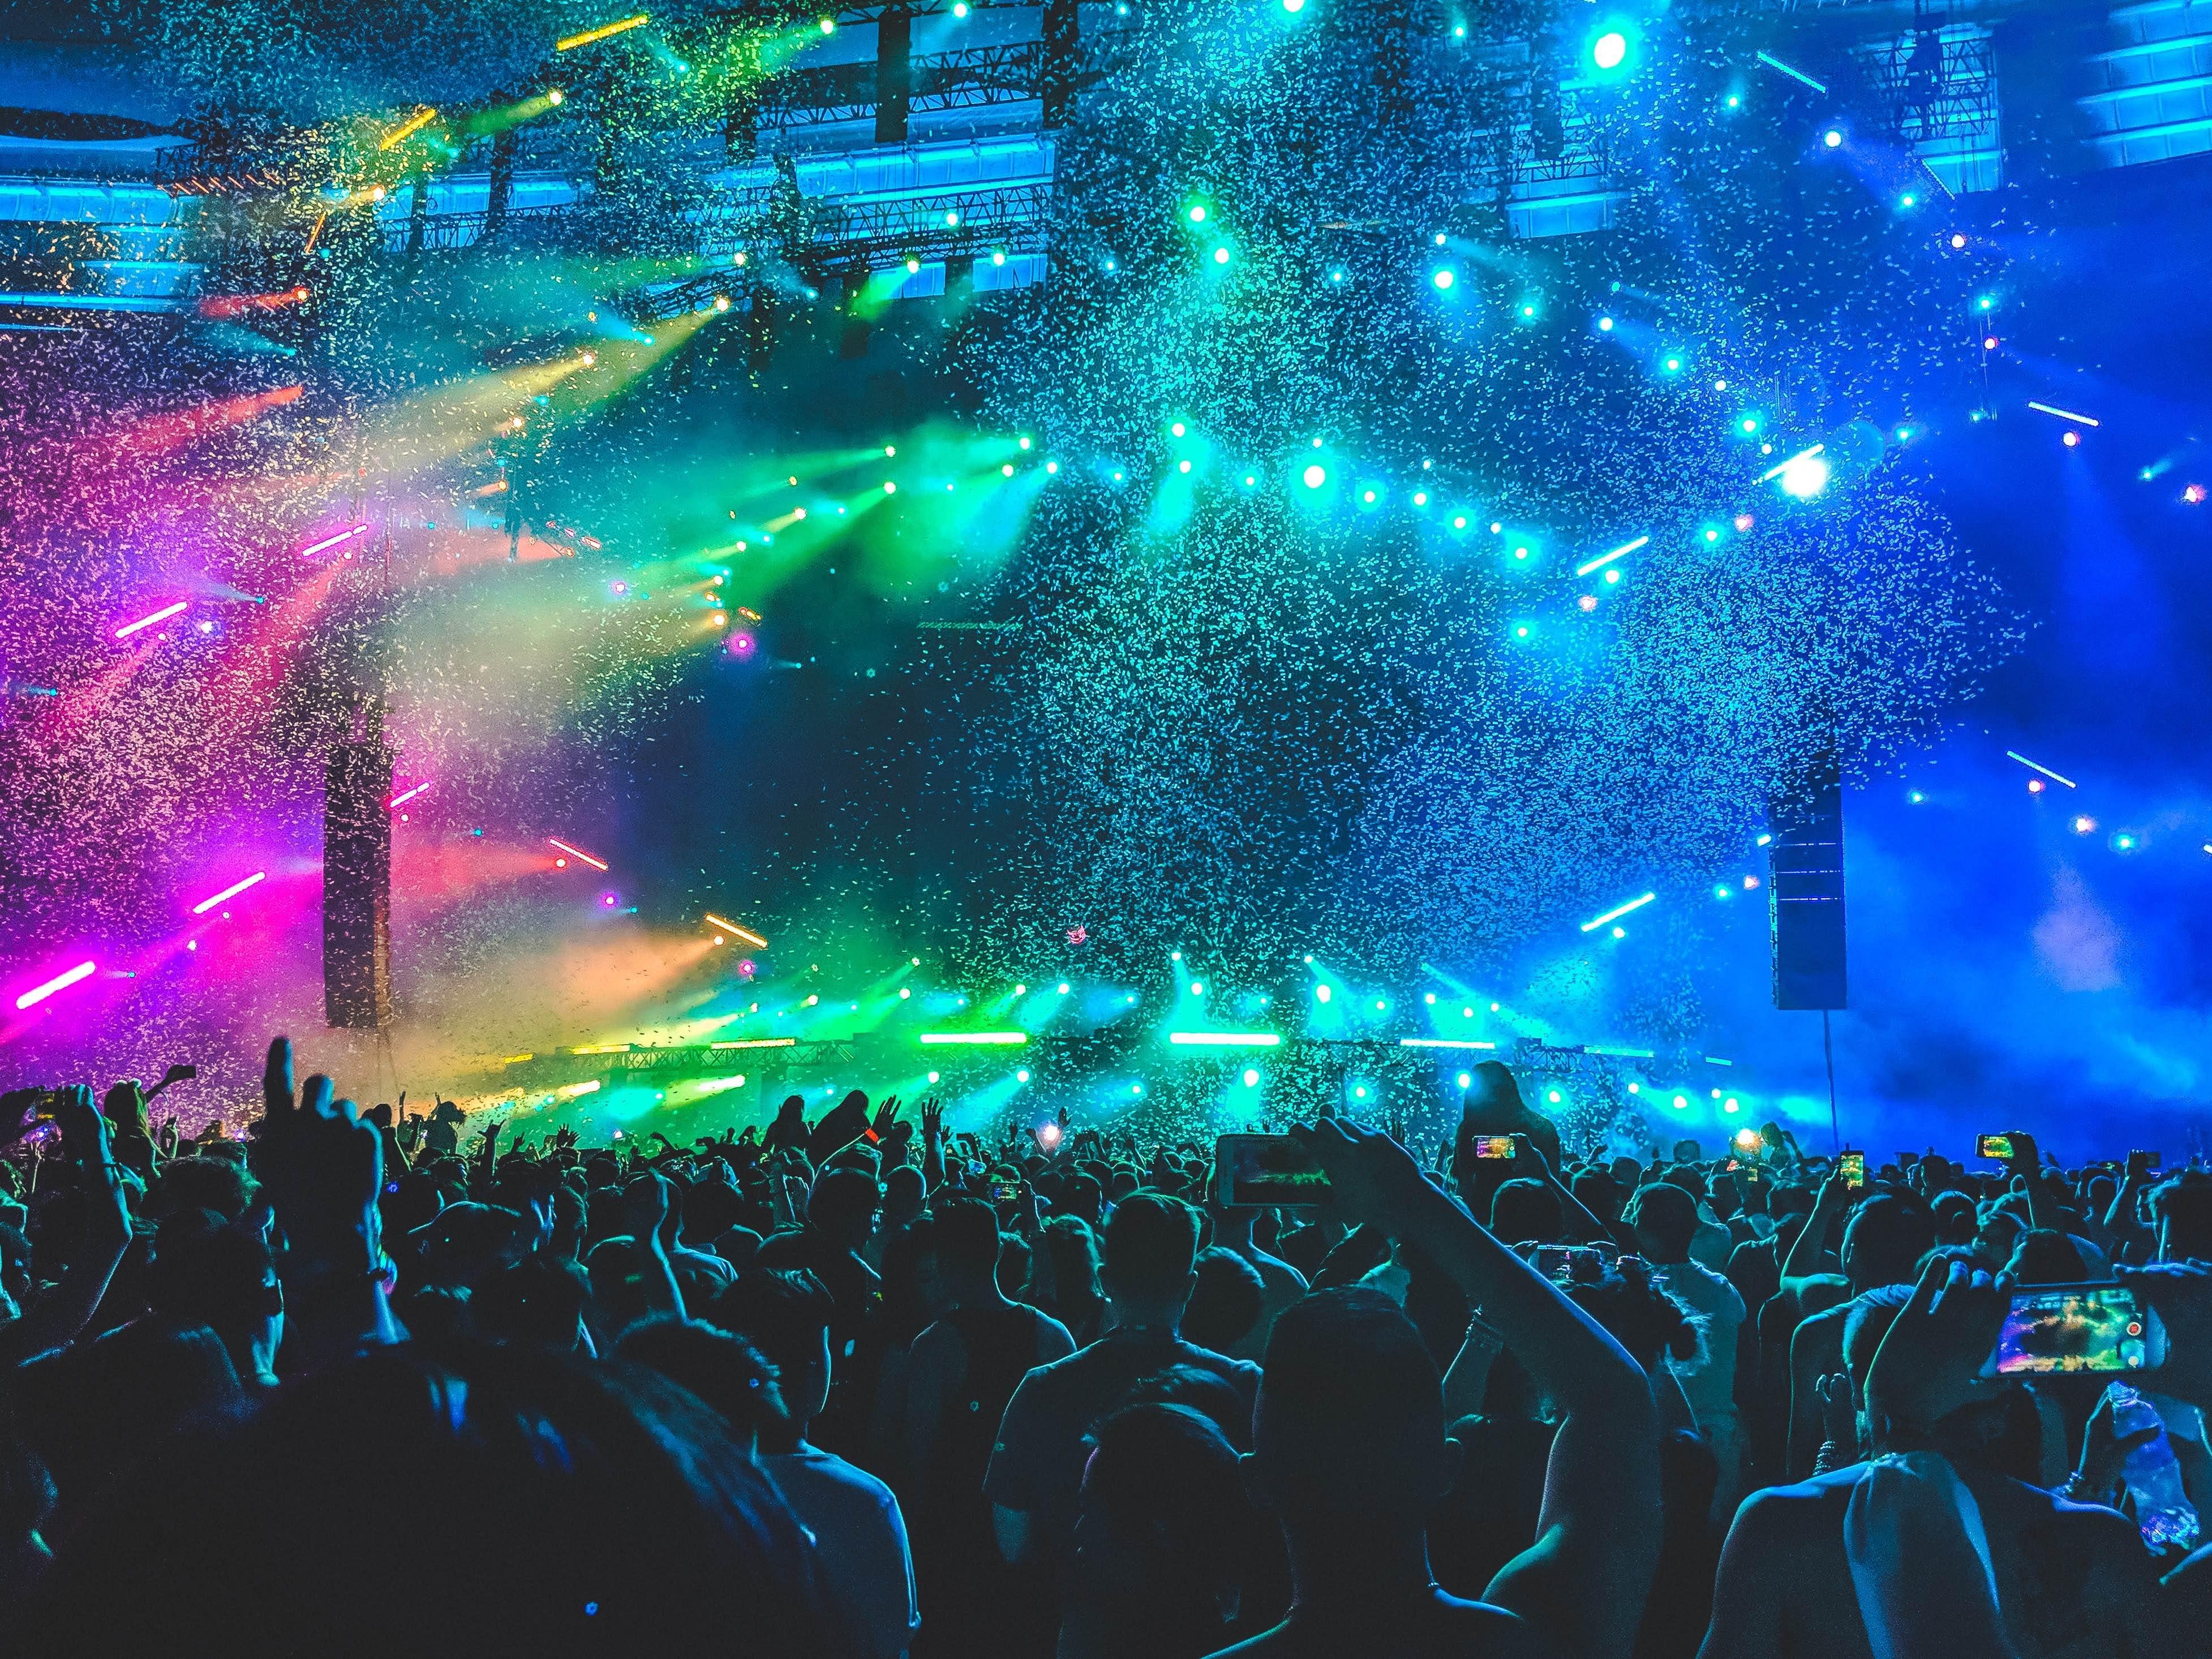 photo illustarant un festival musique DJ a l interieur du public prise de vue face à la scène avec des jeux de lumiere rose orange vert bleu violet en degradé